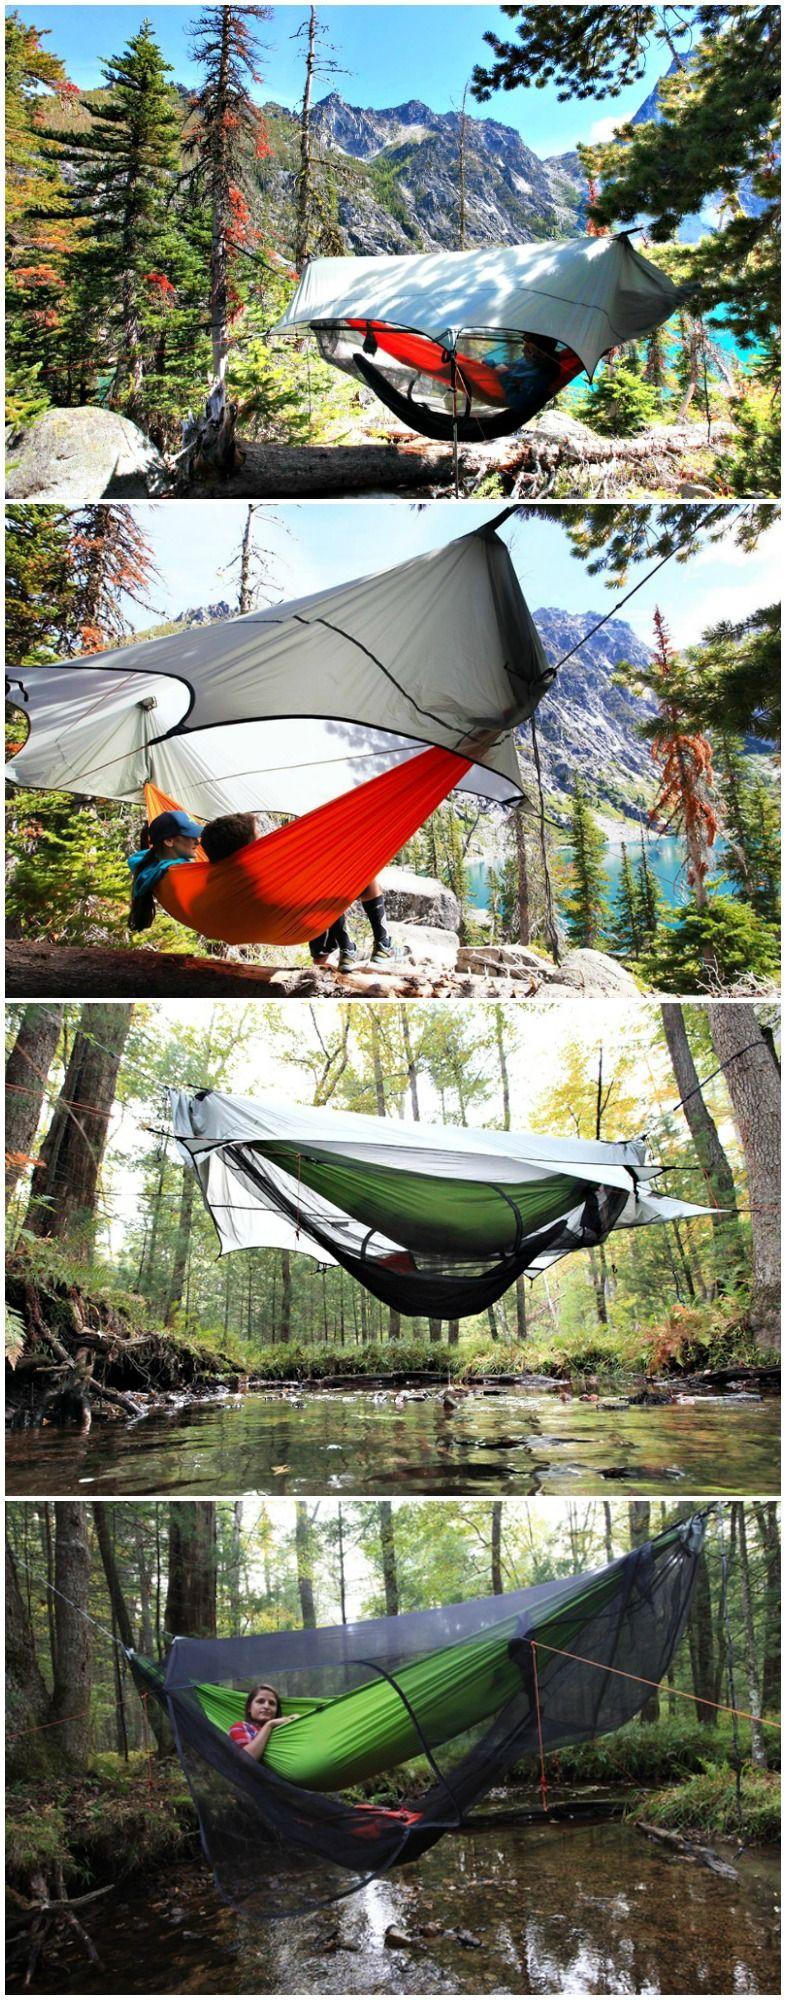 nub   stratos modular hammock shelter nub   stratos modular hammock shelter   camping hammock cloud and      rh   pinterest